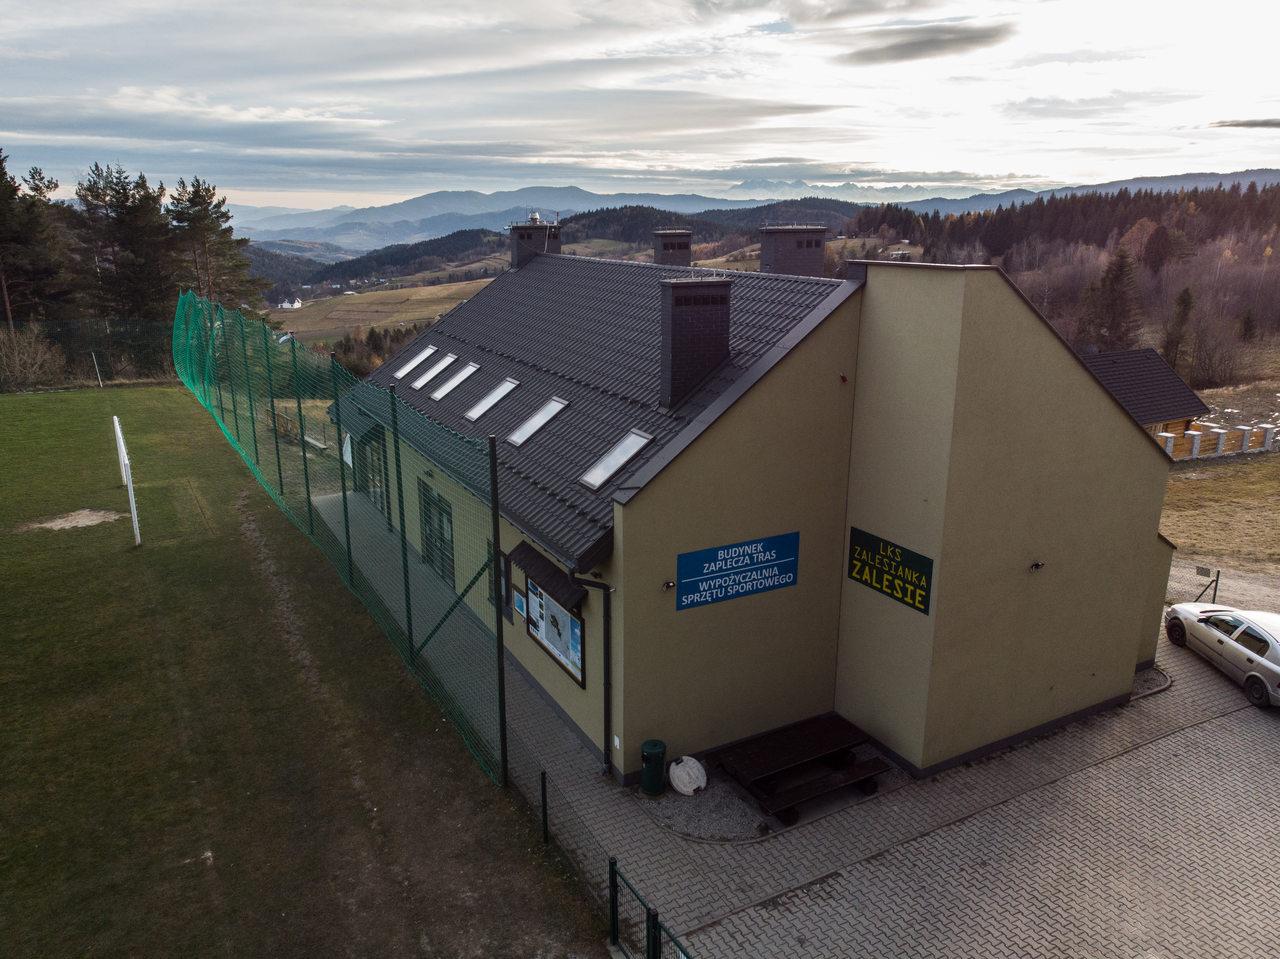 Centrum Obsługi Ruchu Turystycznego